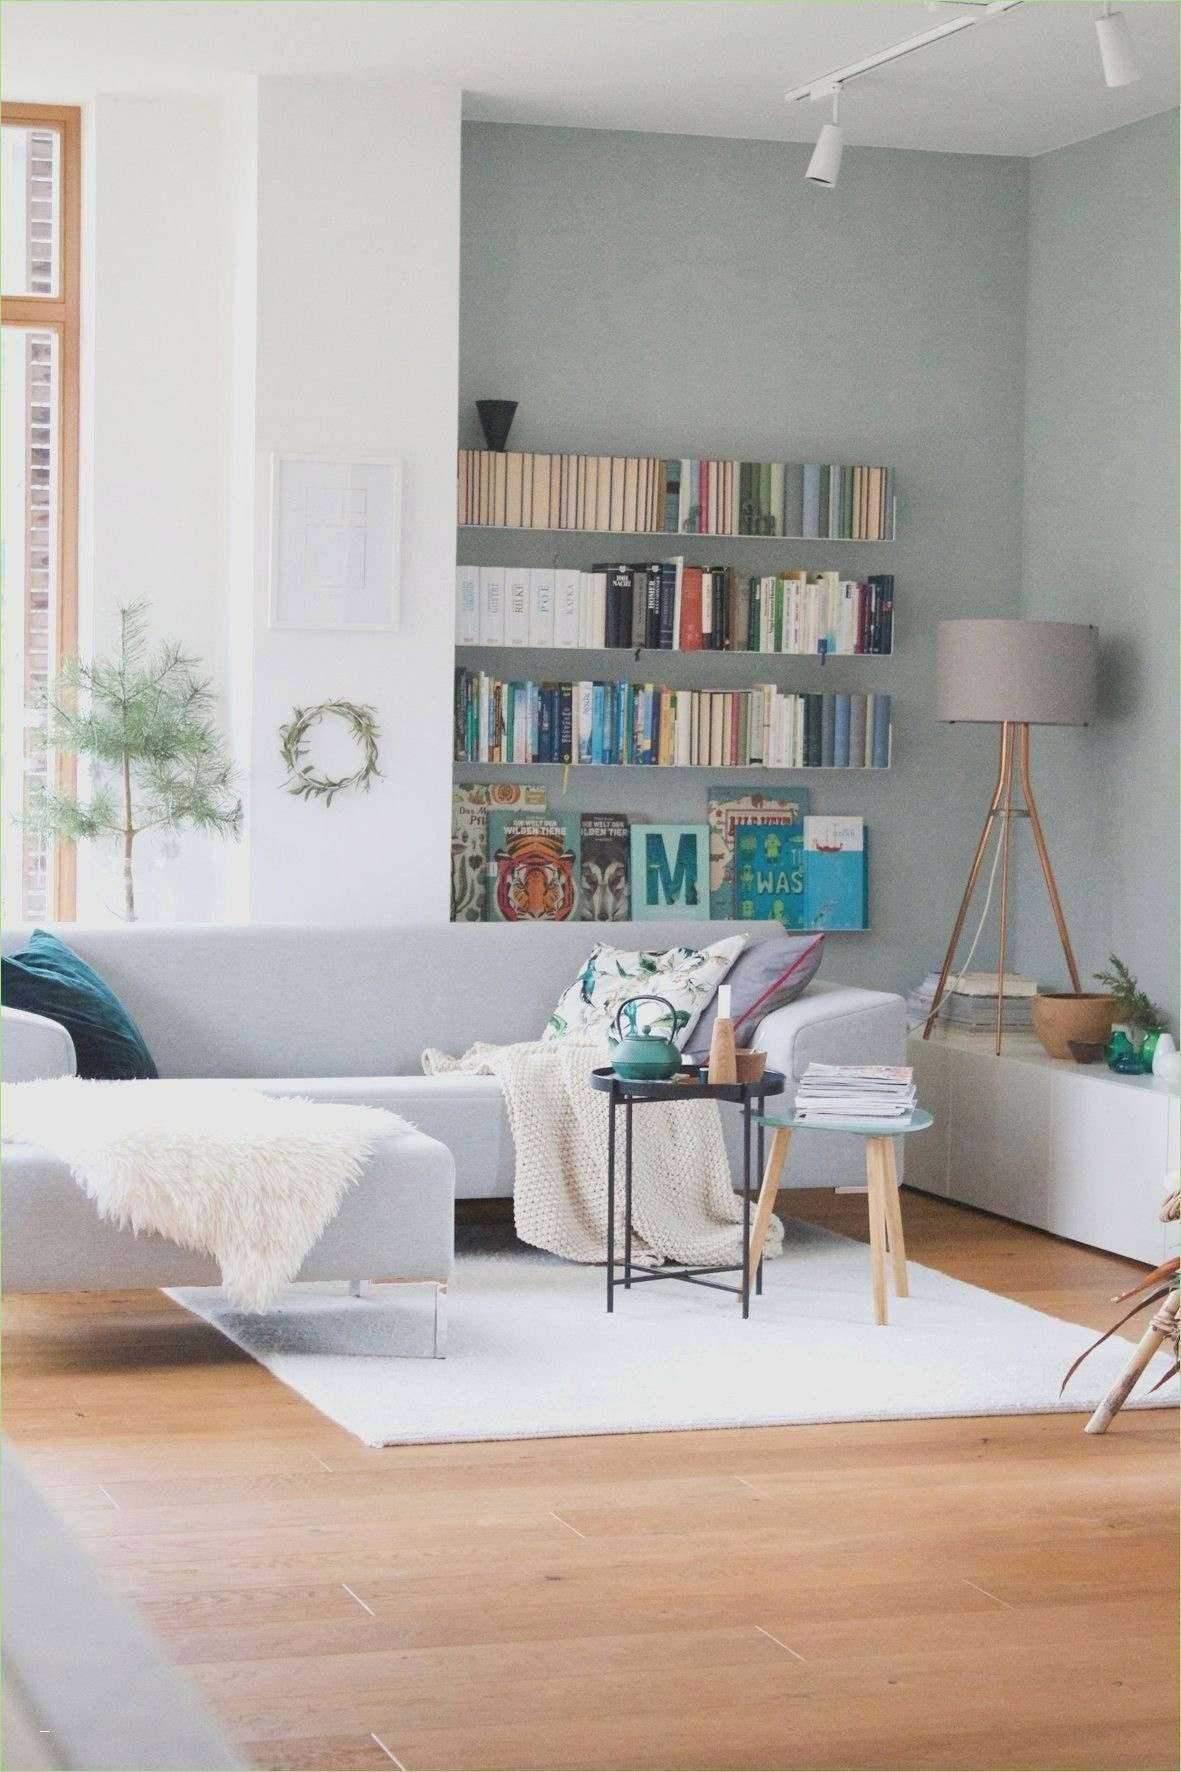 Garten Neu Gestalten Ideen Reizend Wohnzimmer Neu Gestalten Vorher Nachher Frisch Decken